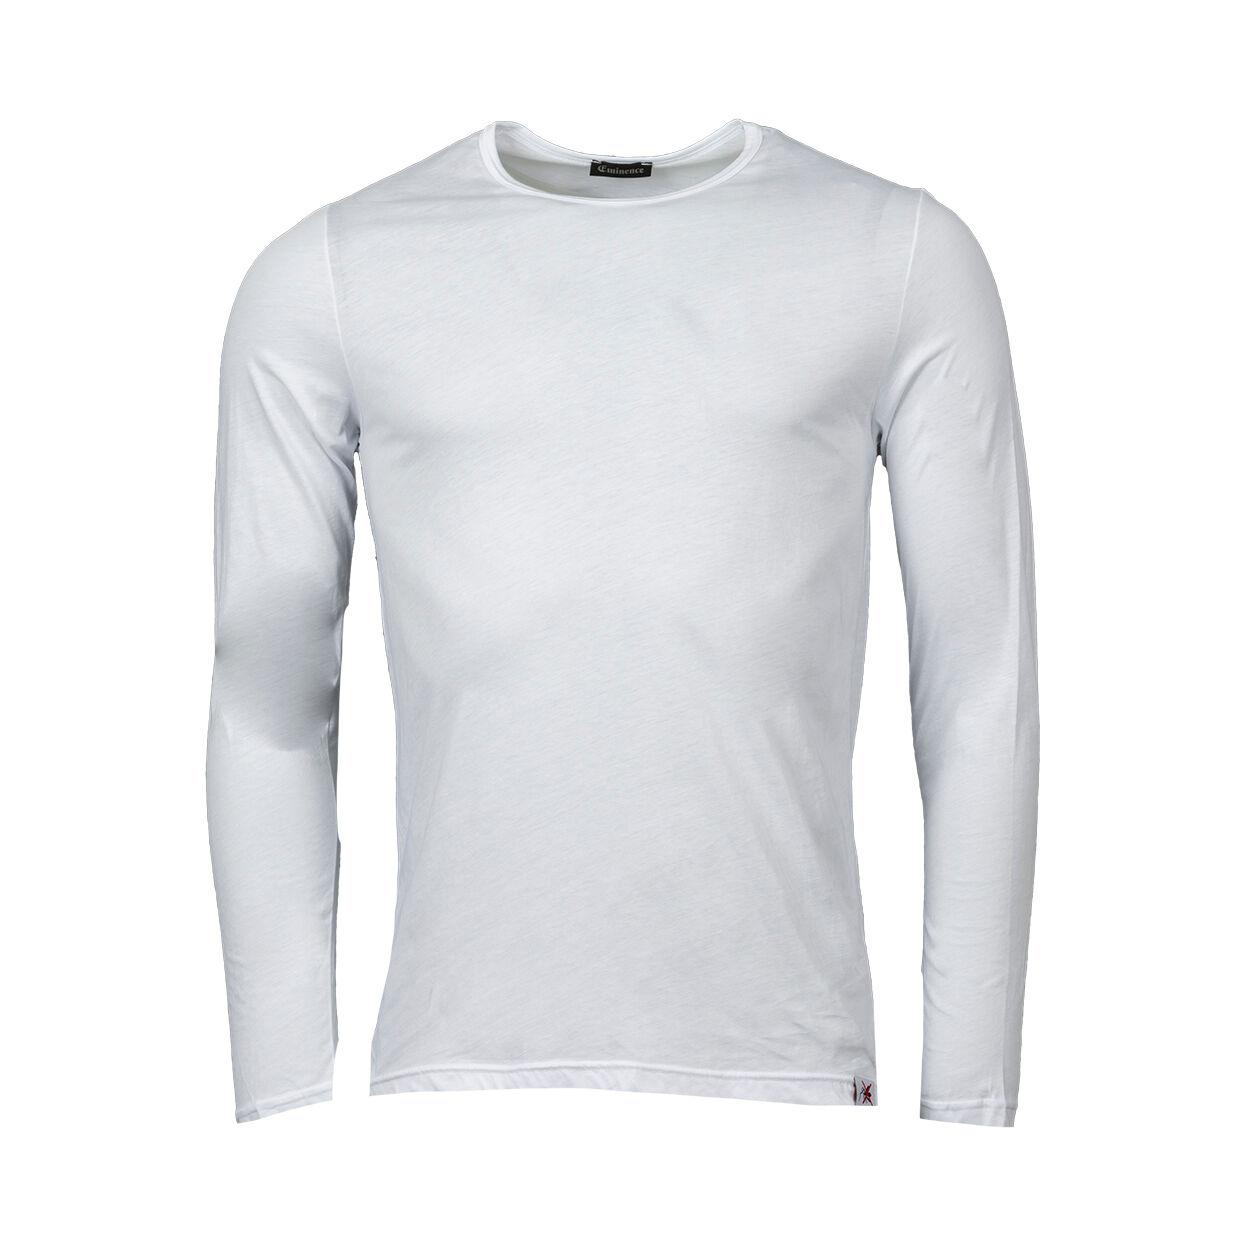 Eminence Tee-shirt anti-moustiques à col rond Eminence en coton blanc - BLANC - XL